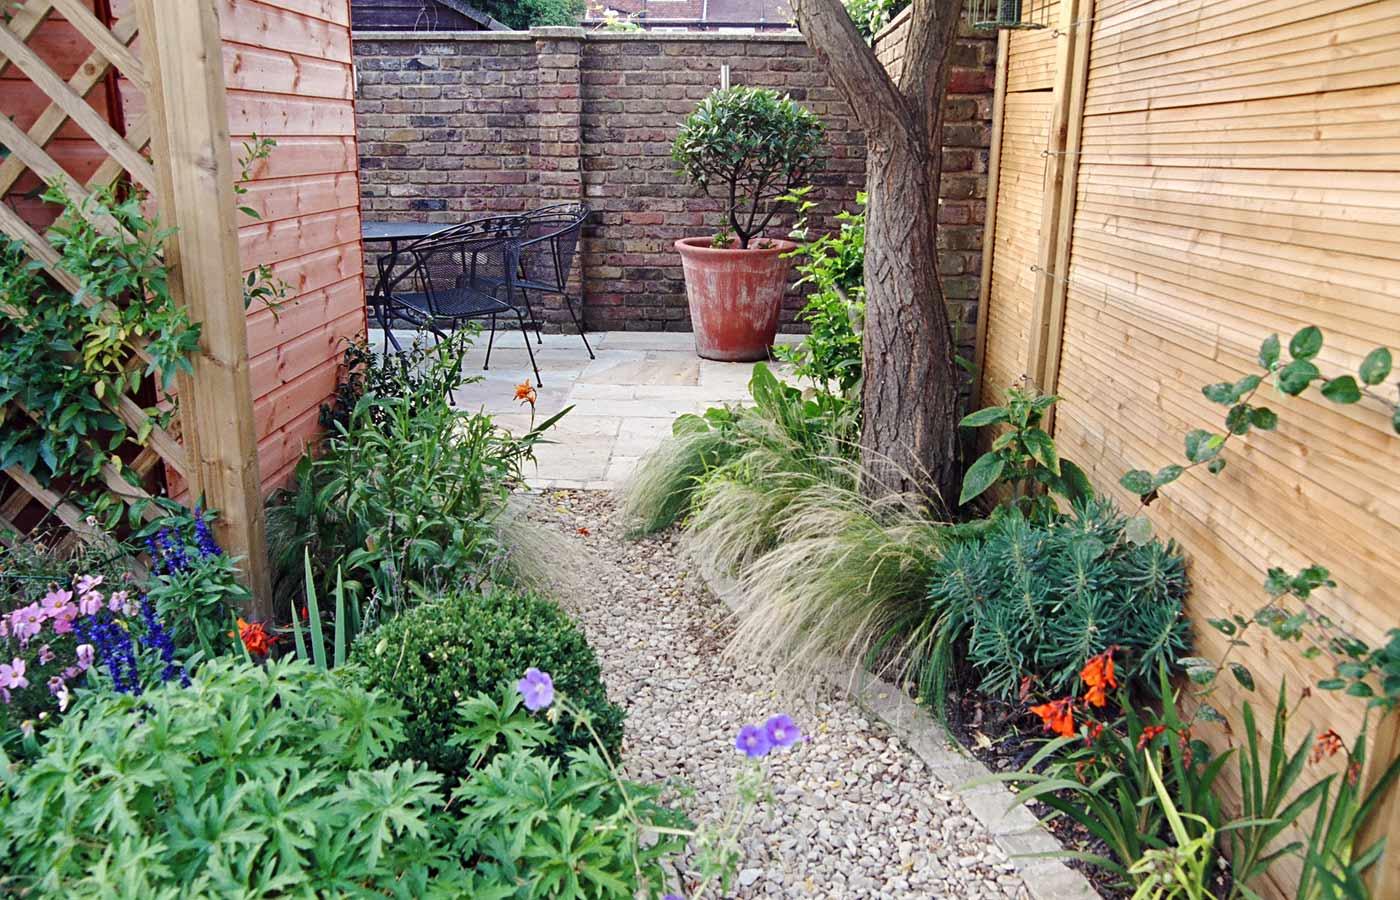 Wandsworth Urban Garden Design: Urban Garden Design For A Long Garden